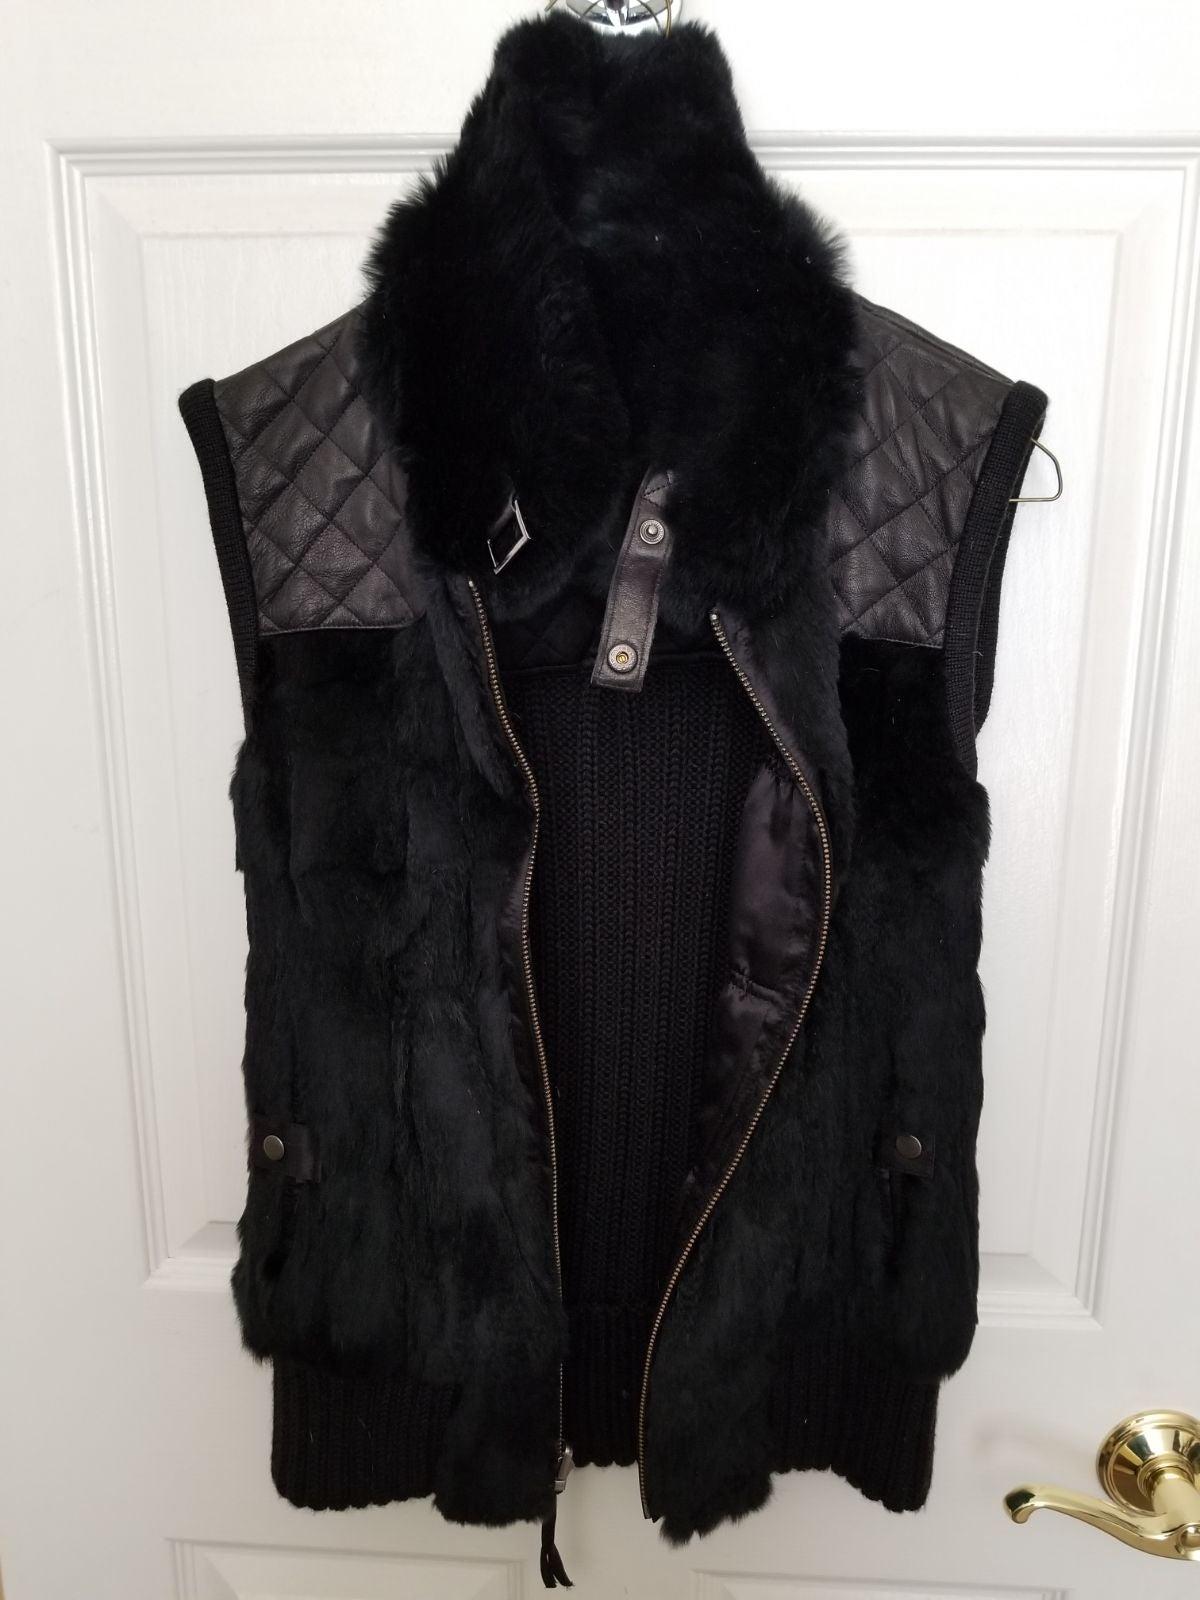 Black Faux Fur/Leather vest size m/l